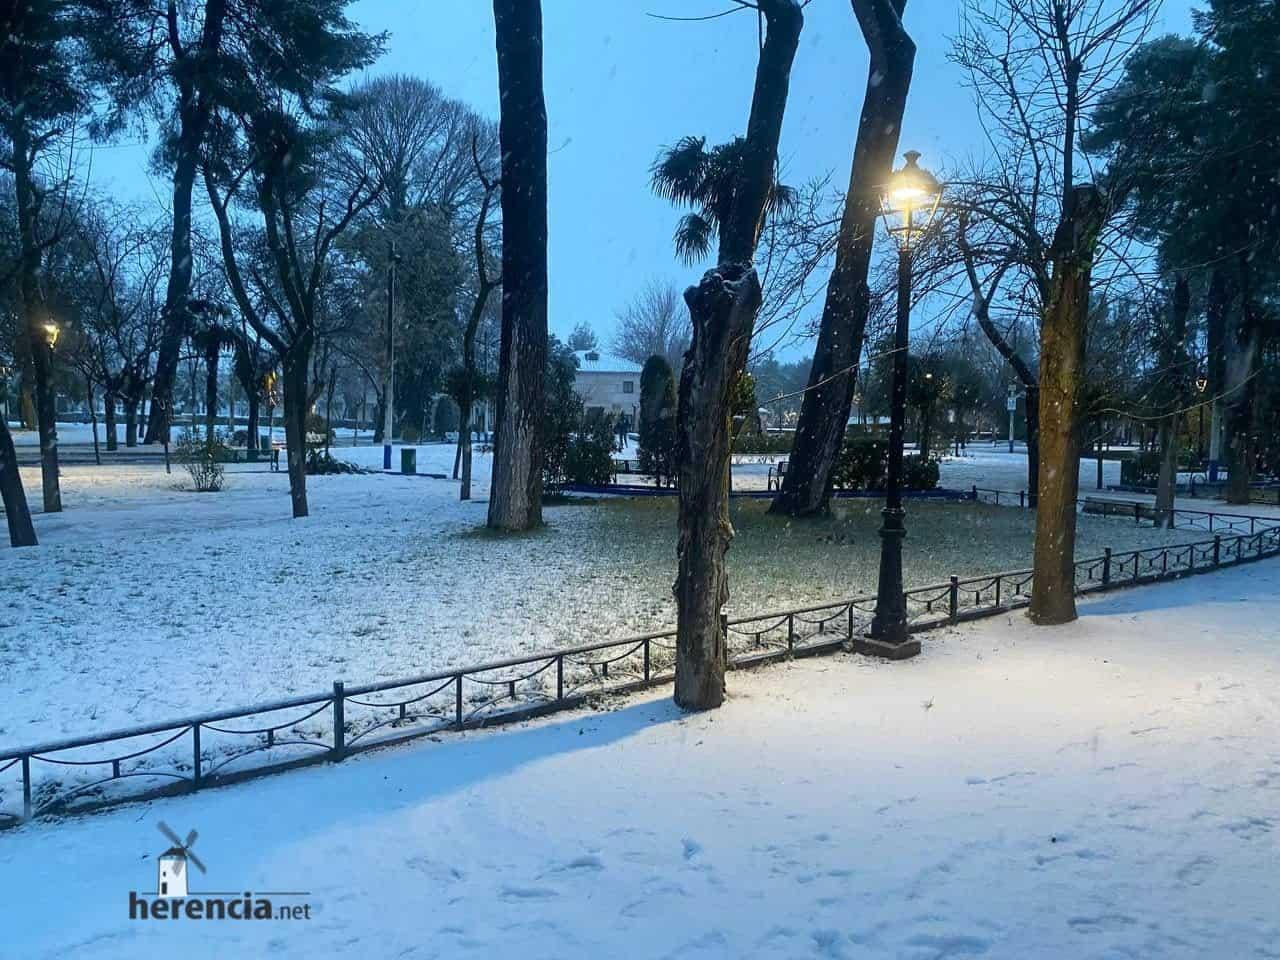 Fotografías de la nevada en Herencia (Ciudad Real) 65